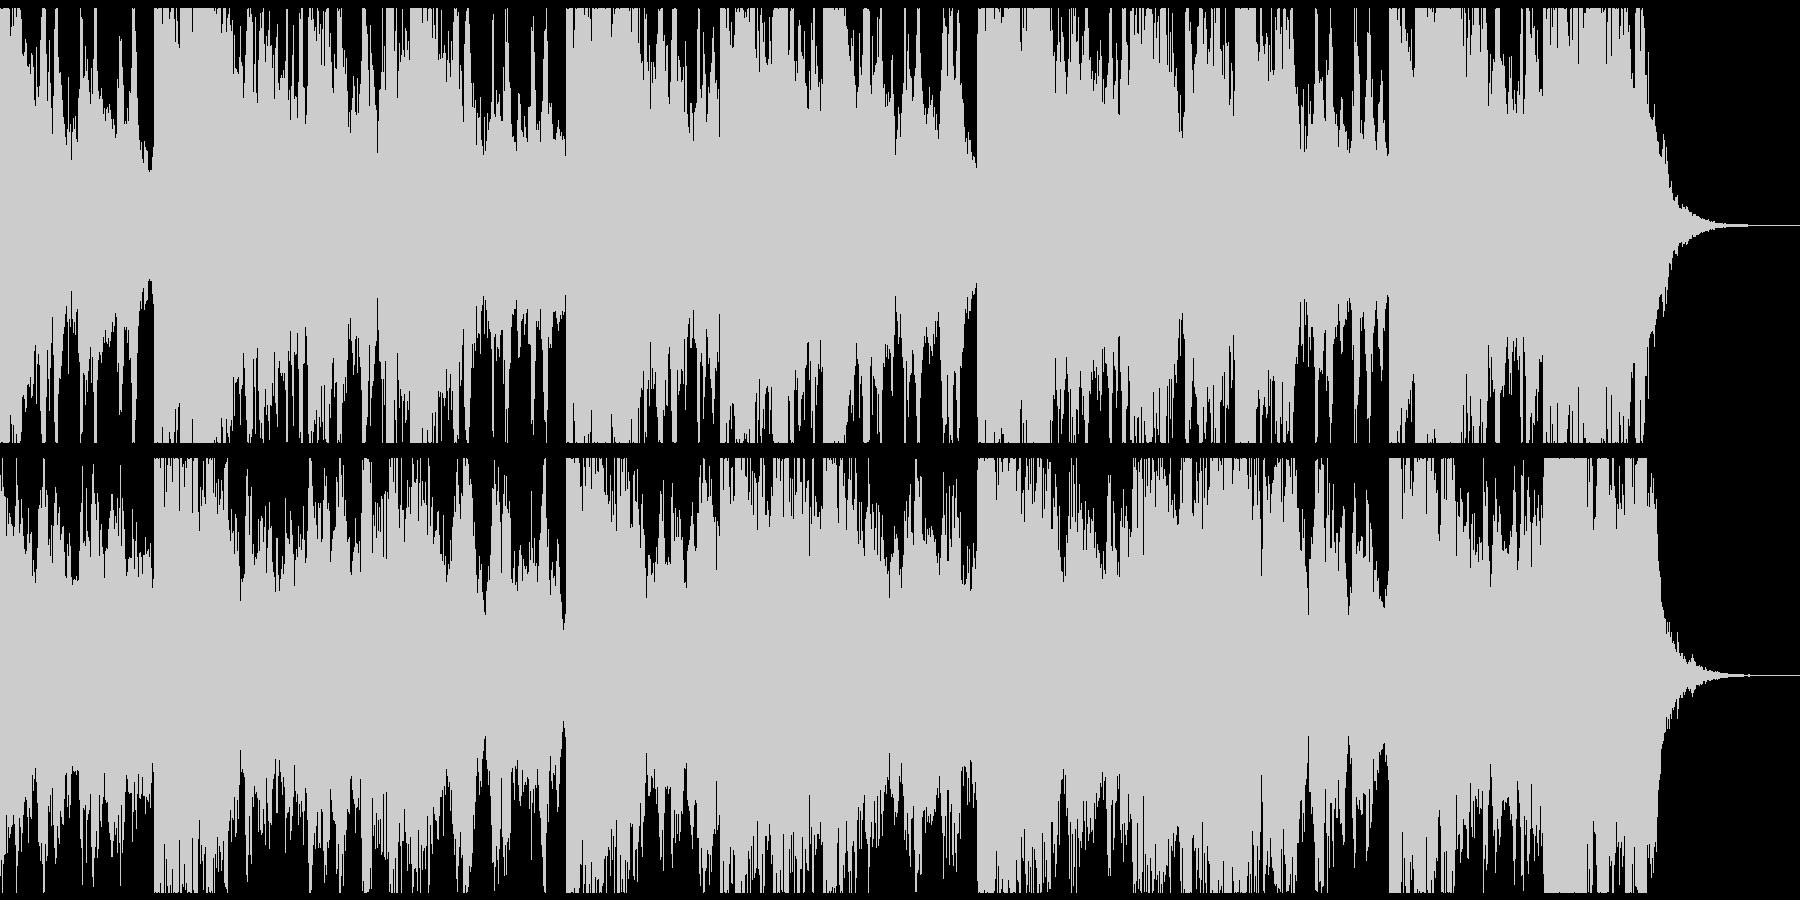 ストリングス、ピアノ、ボイスからなる曲の未再生の波形